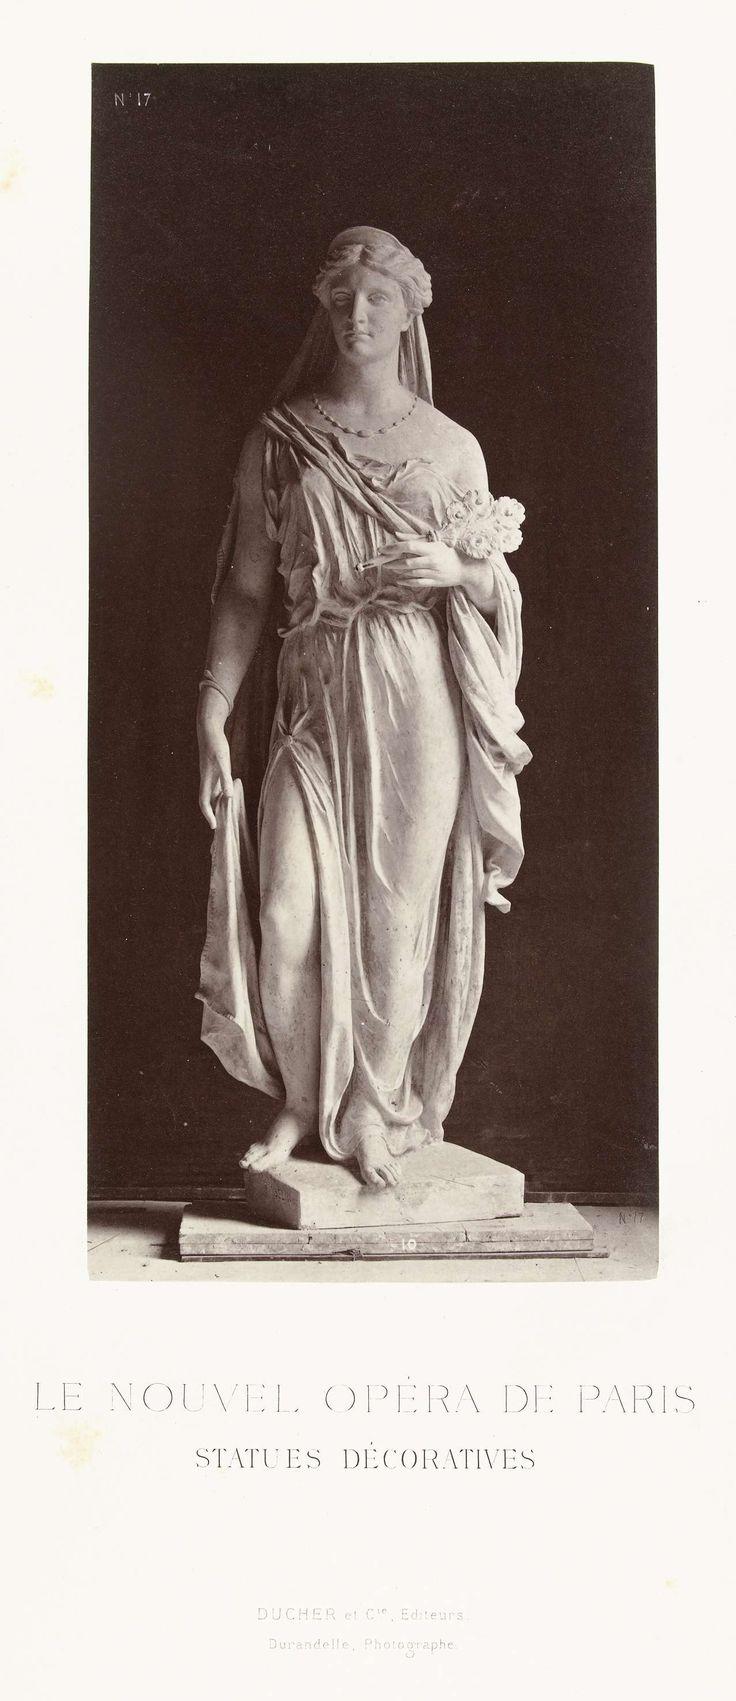 Louis-Emile Durandelle   Marmeren beeld van een vrouw in gewaad en een sluier over haar hoofd, in haar linkerhand draagt zij een bos bloemen., Louis-Emile Durandelle, Ducher et Cie, c. 1878 - 1881  